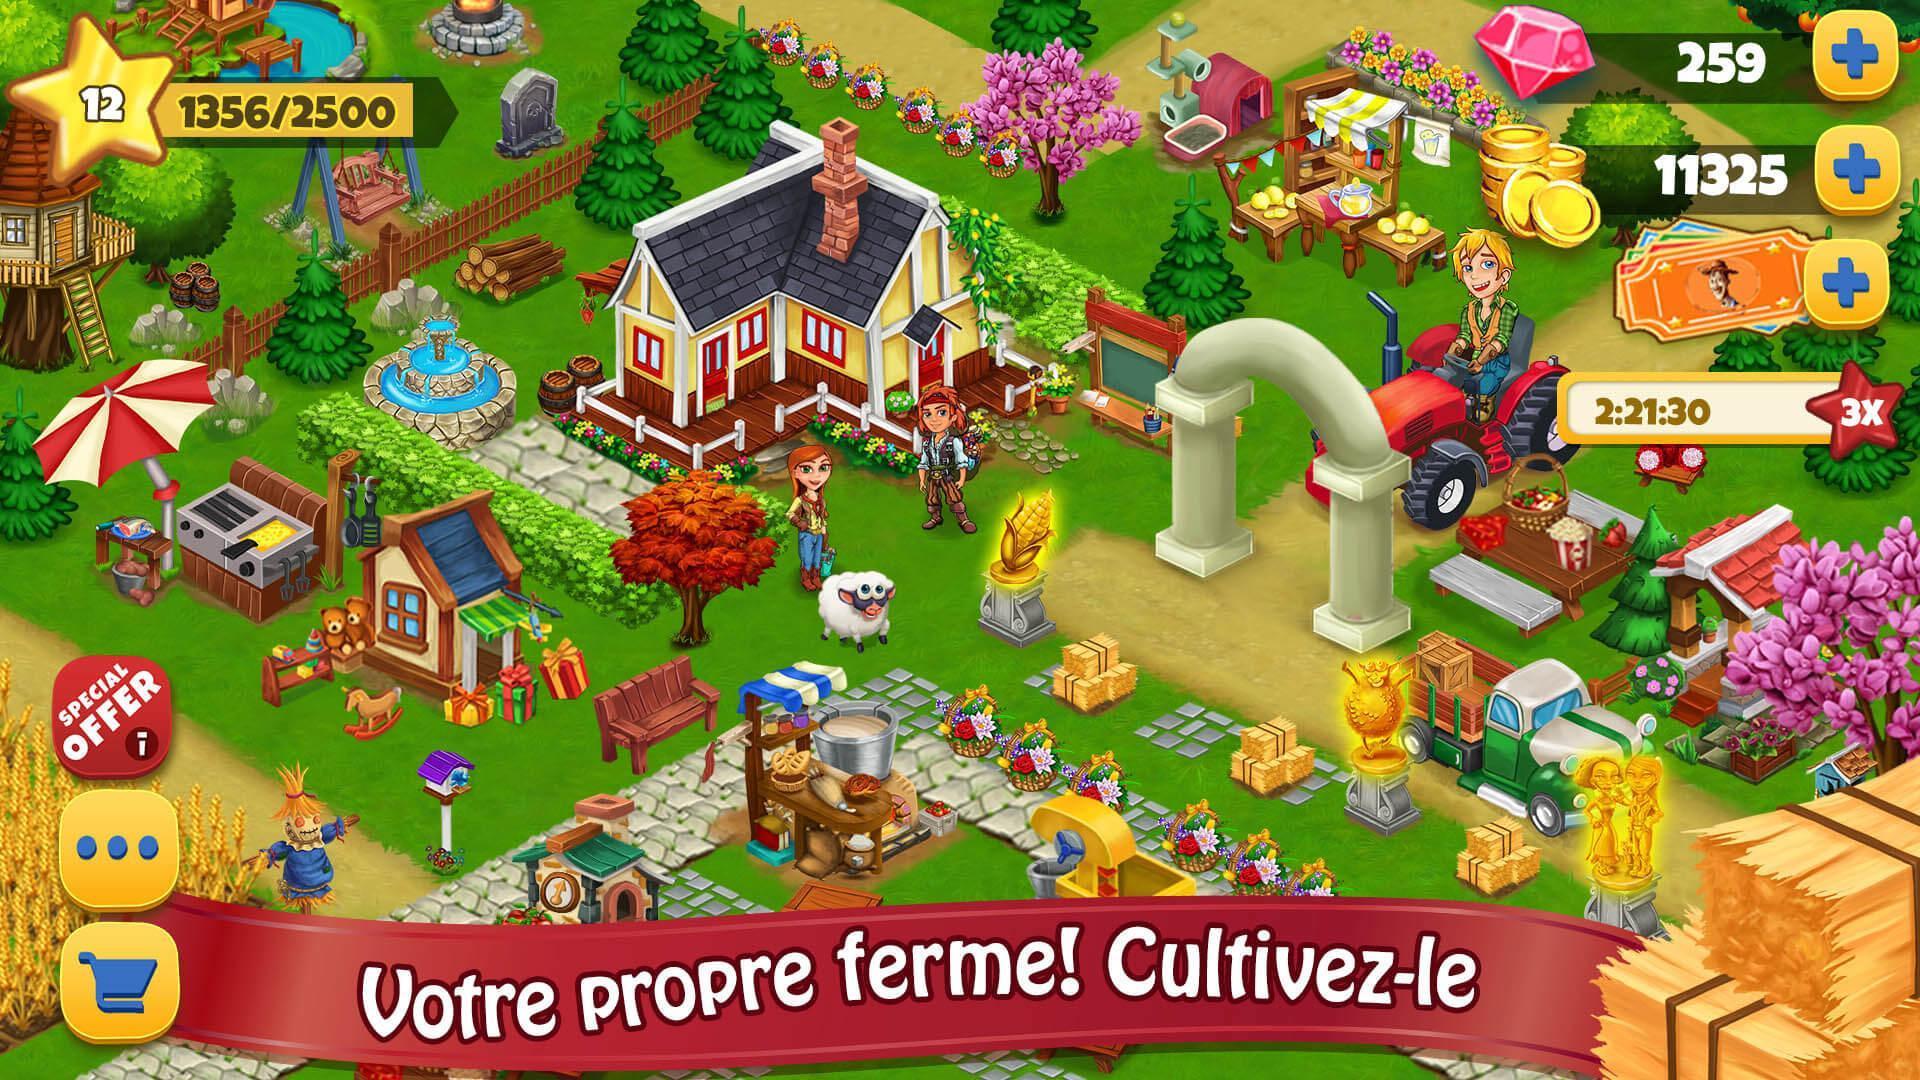 Jour Farm Village: Agriculture Jeux Hors Ligne Pour Android avec Jeux En Ligne De Ferme